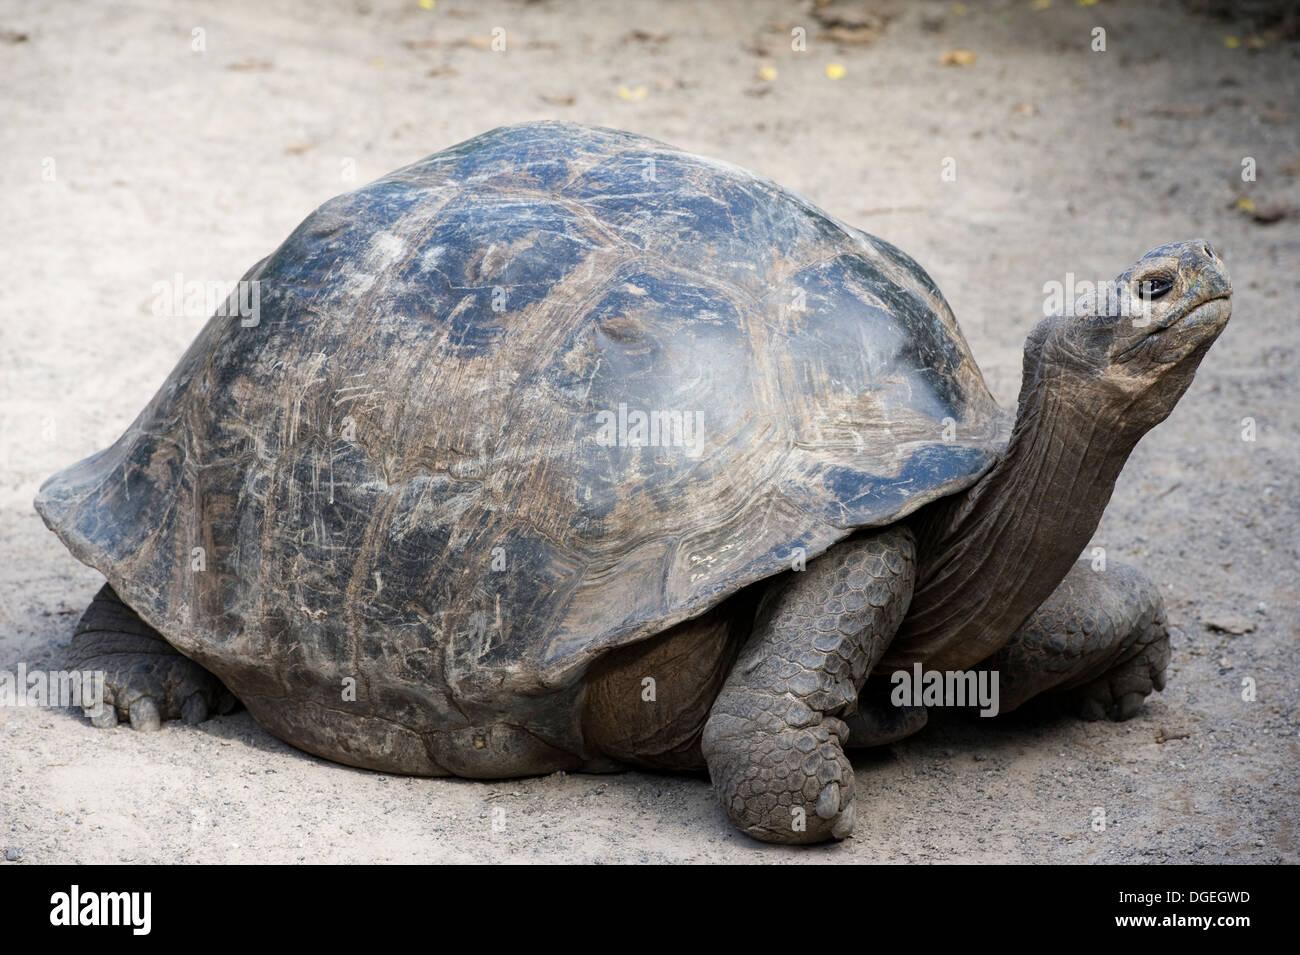 Giant tortoise Galapagos Islands Isabela Stock Photo